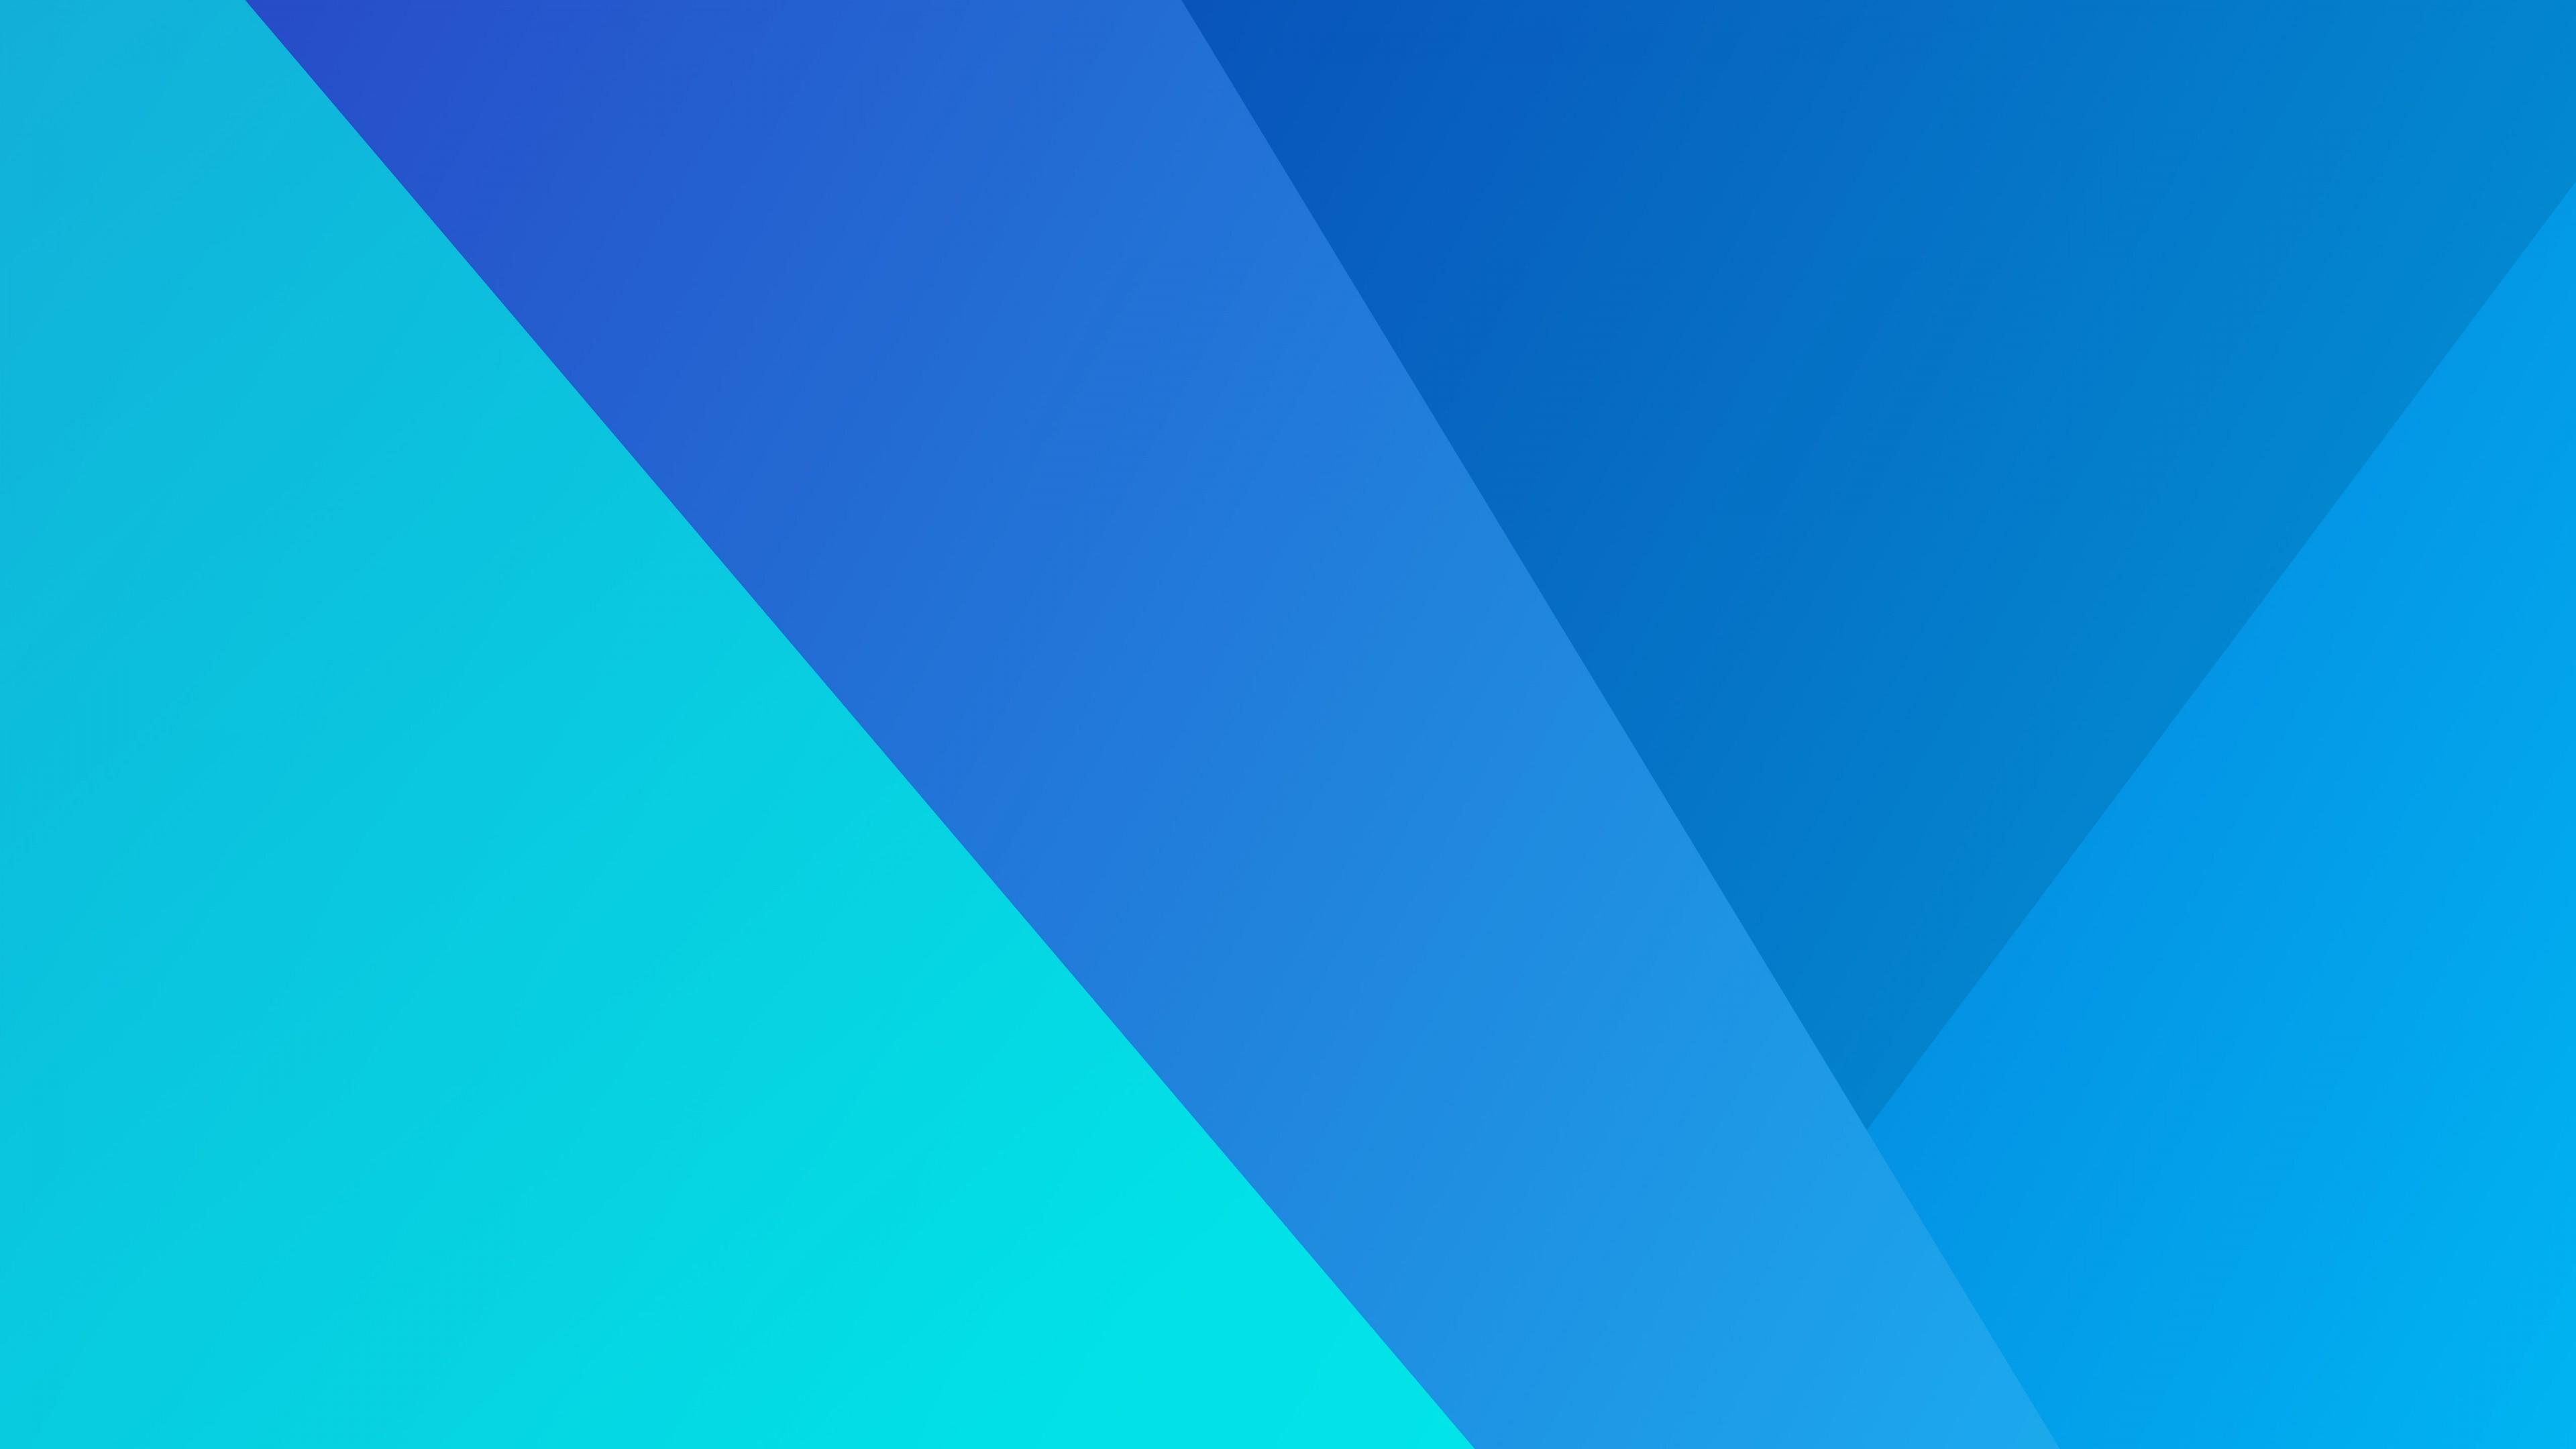 Графический дизайн с геометрическими формами в сине-бирюзовых тонах